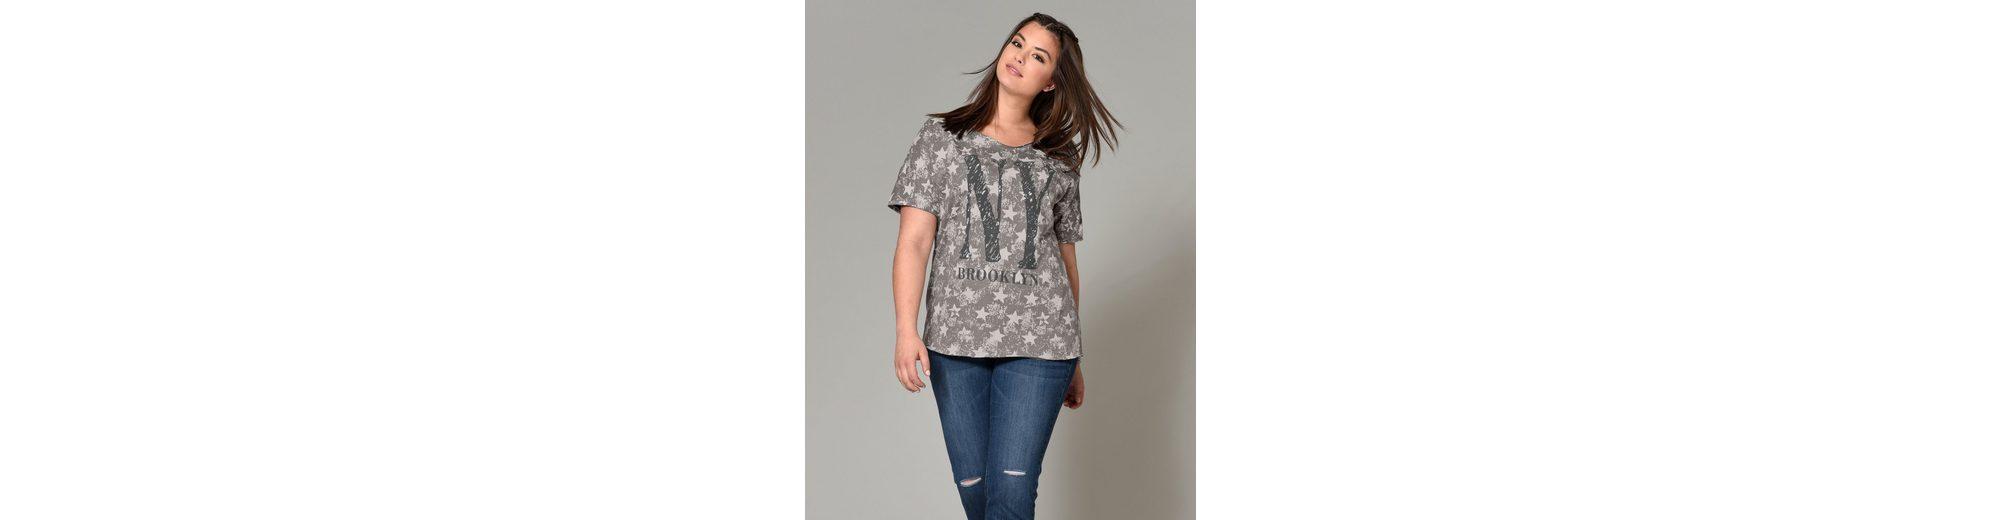 Angel of Style by Happy Size Shirt in Oversize-Form Footaction Schnelle Lieferung Online Billig Footlocker Verkauf Niedriger Preis Spielraum Manchester Großer Verkauf Iost2wp